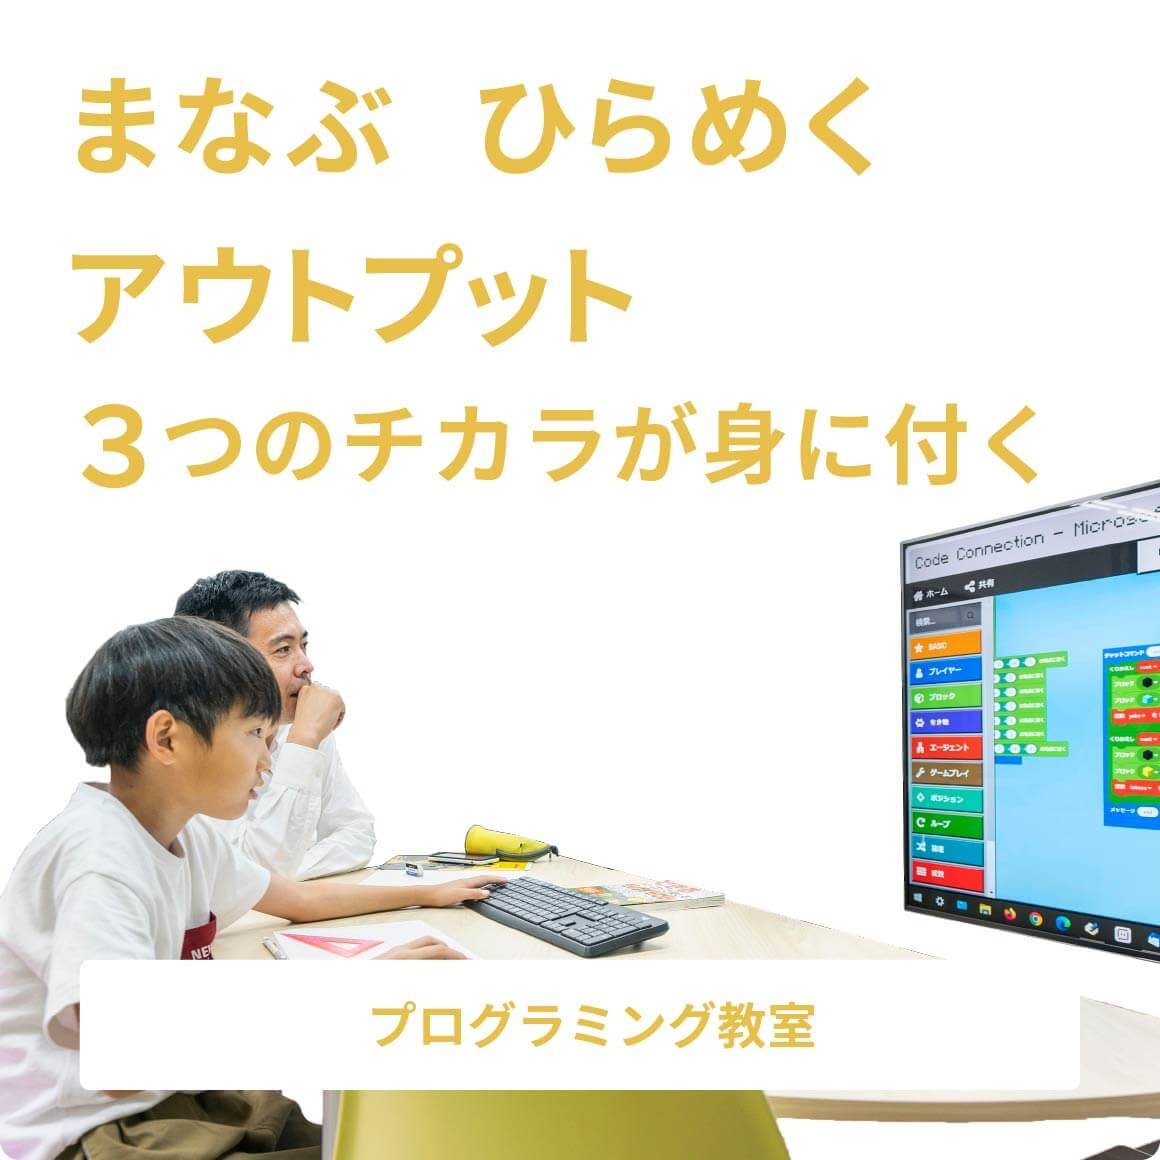 プログラミングスクール まなぶひらめくアウトプット3つのチカラが身に付く